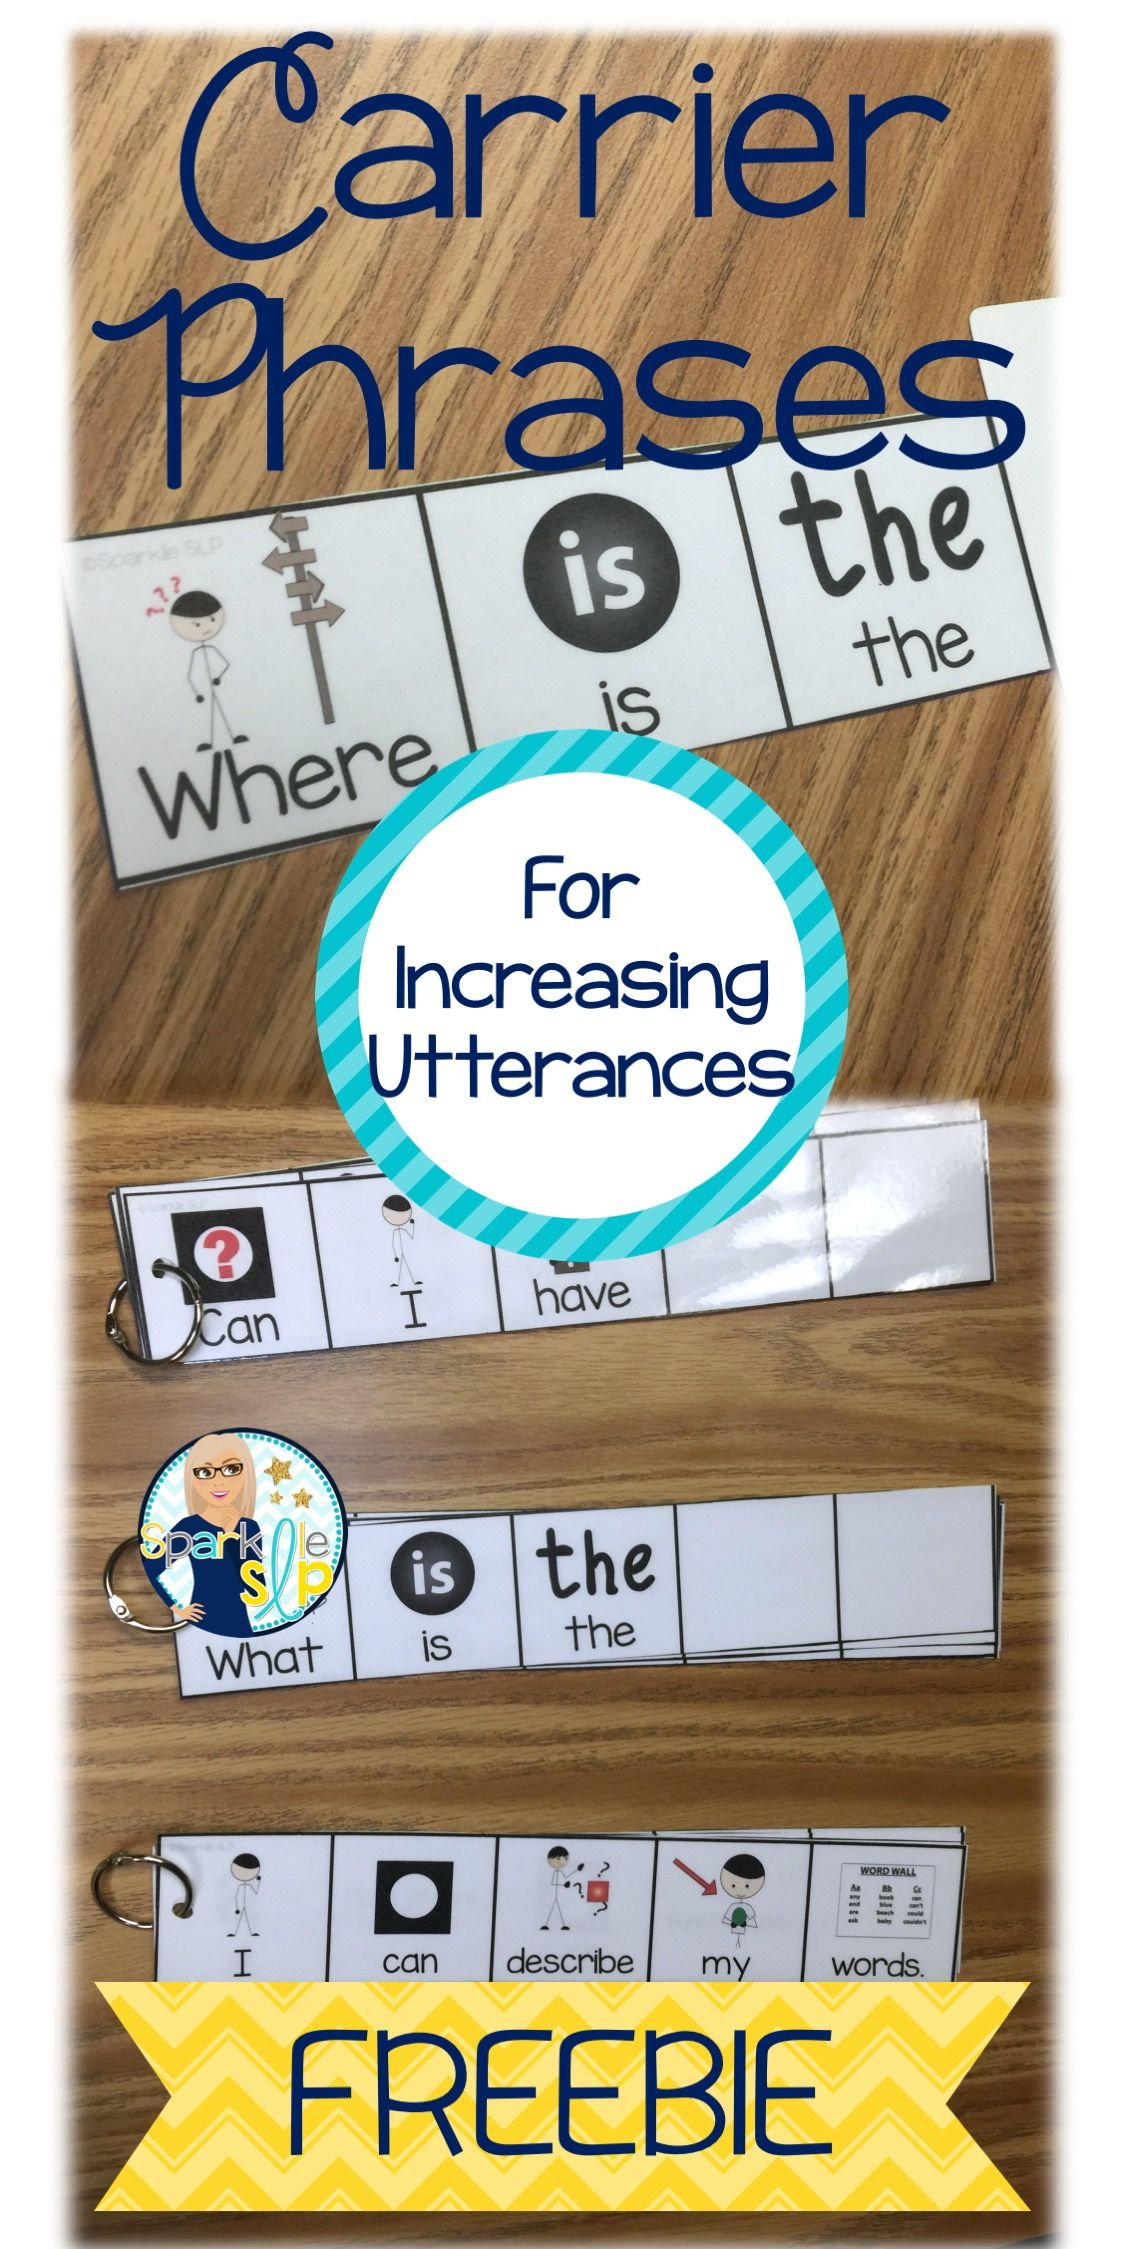 Carrier Phrases For Increasing Utterances